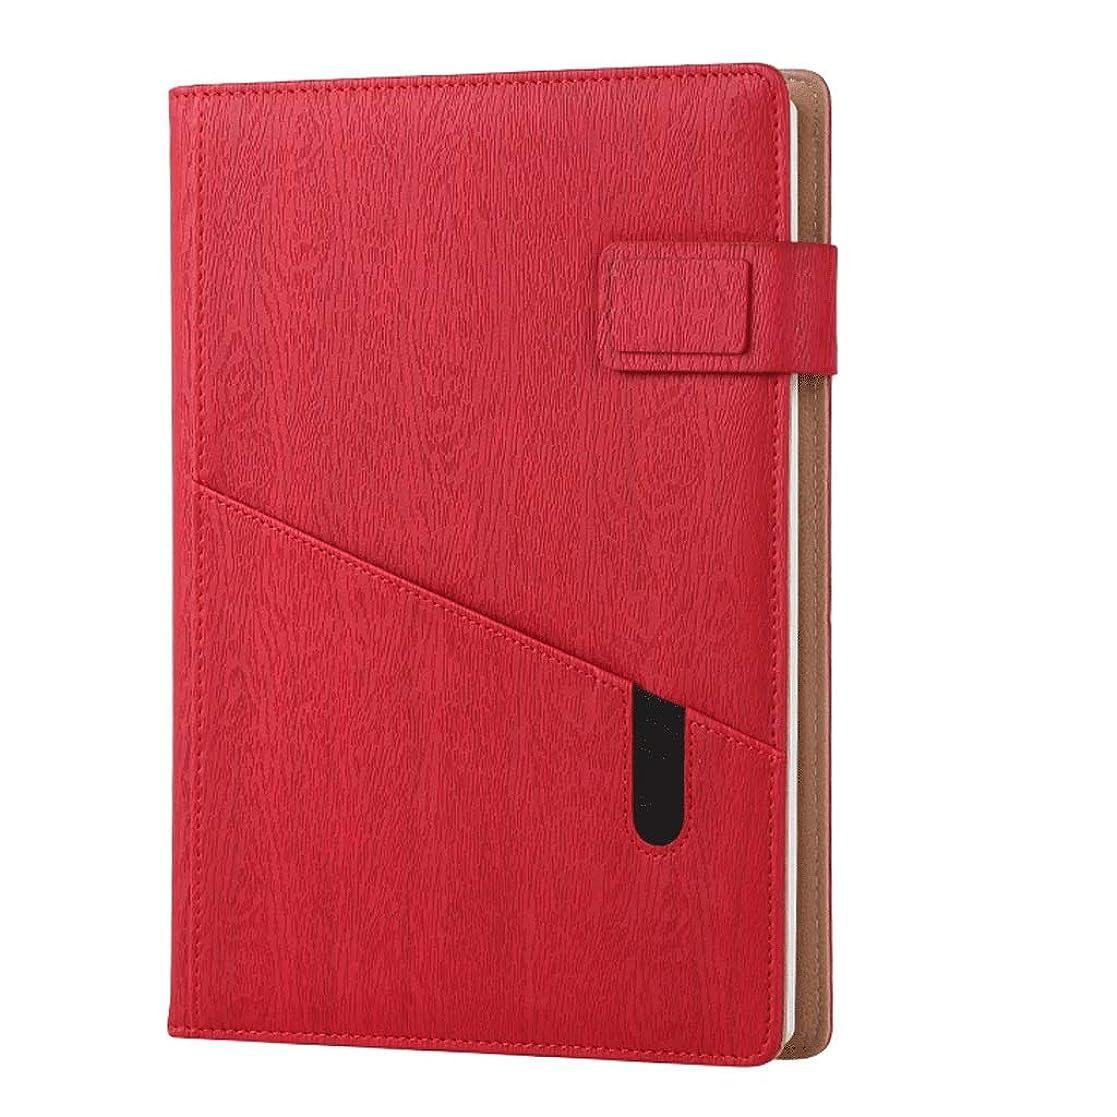 便利楽しませるプレミアムメモ帳 多機能A5ジャーナルメモ帳模造革ビジネス日記メモオフィス学校文具 ノート (Color : Red)